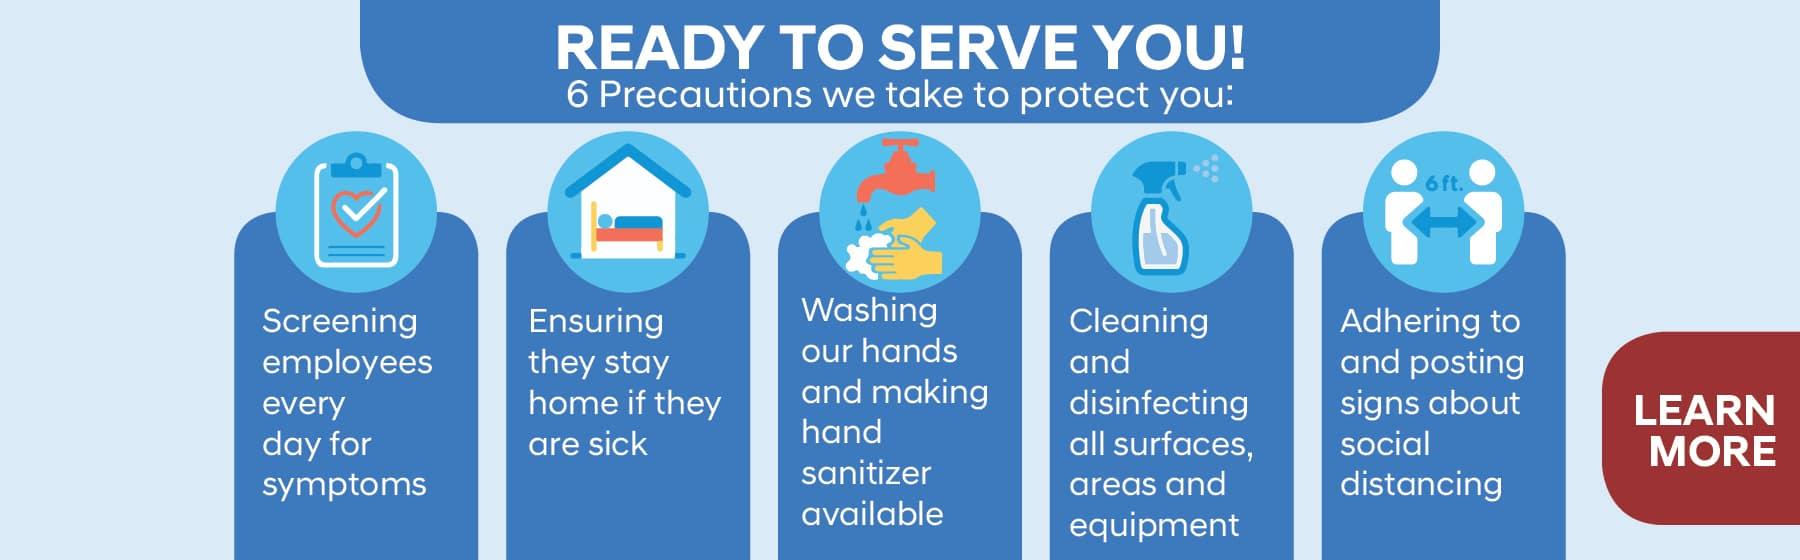 r1_MH_HP_Precautions_May2020